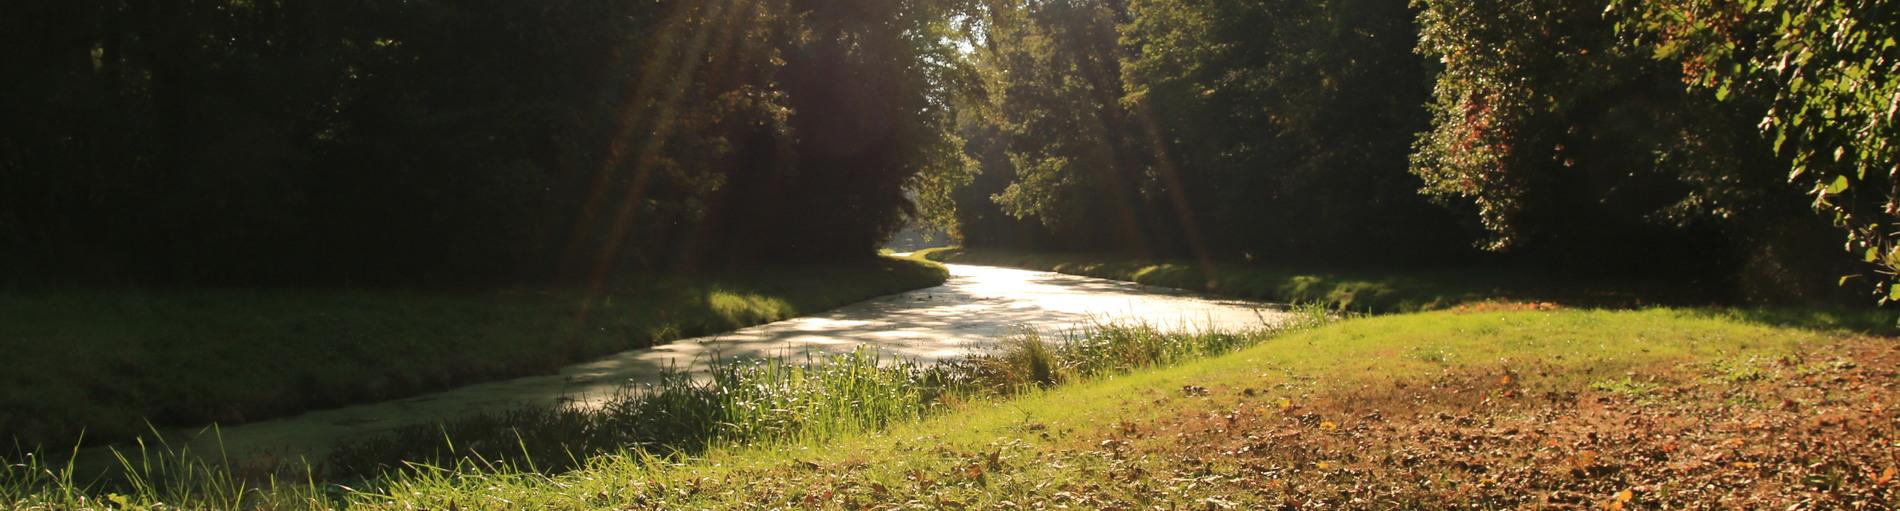 Blick auf einen kleinen Fluss im Stadtwald bei Sonnenschein